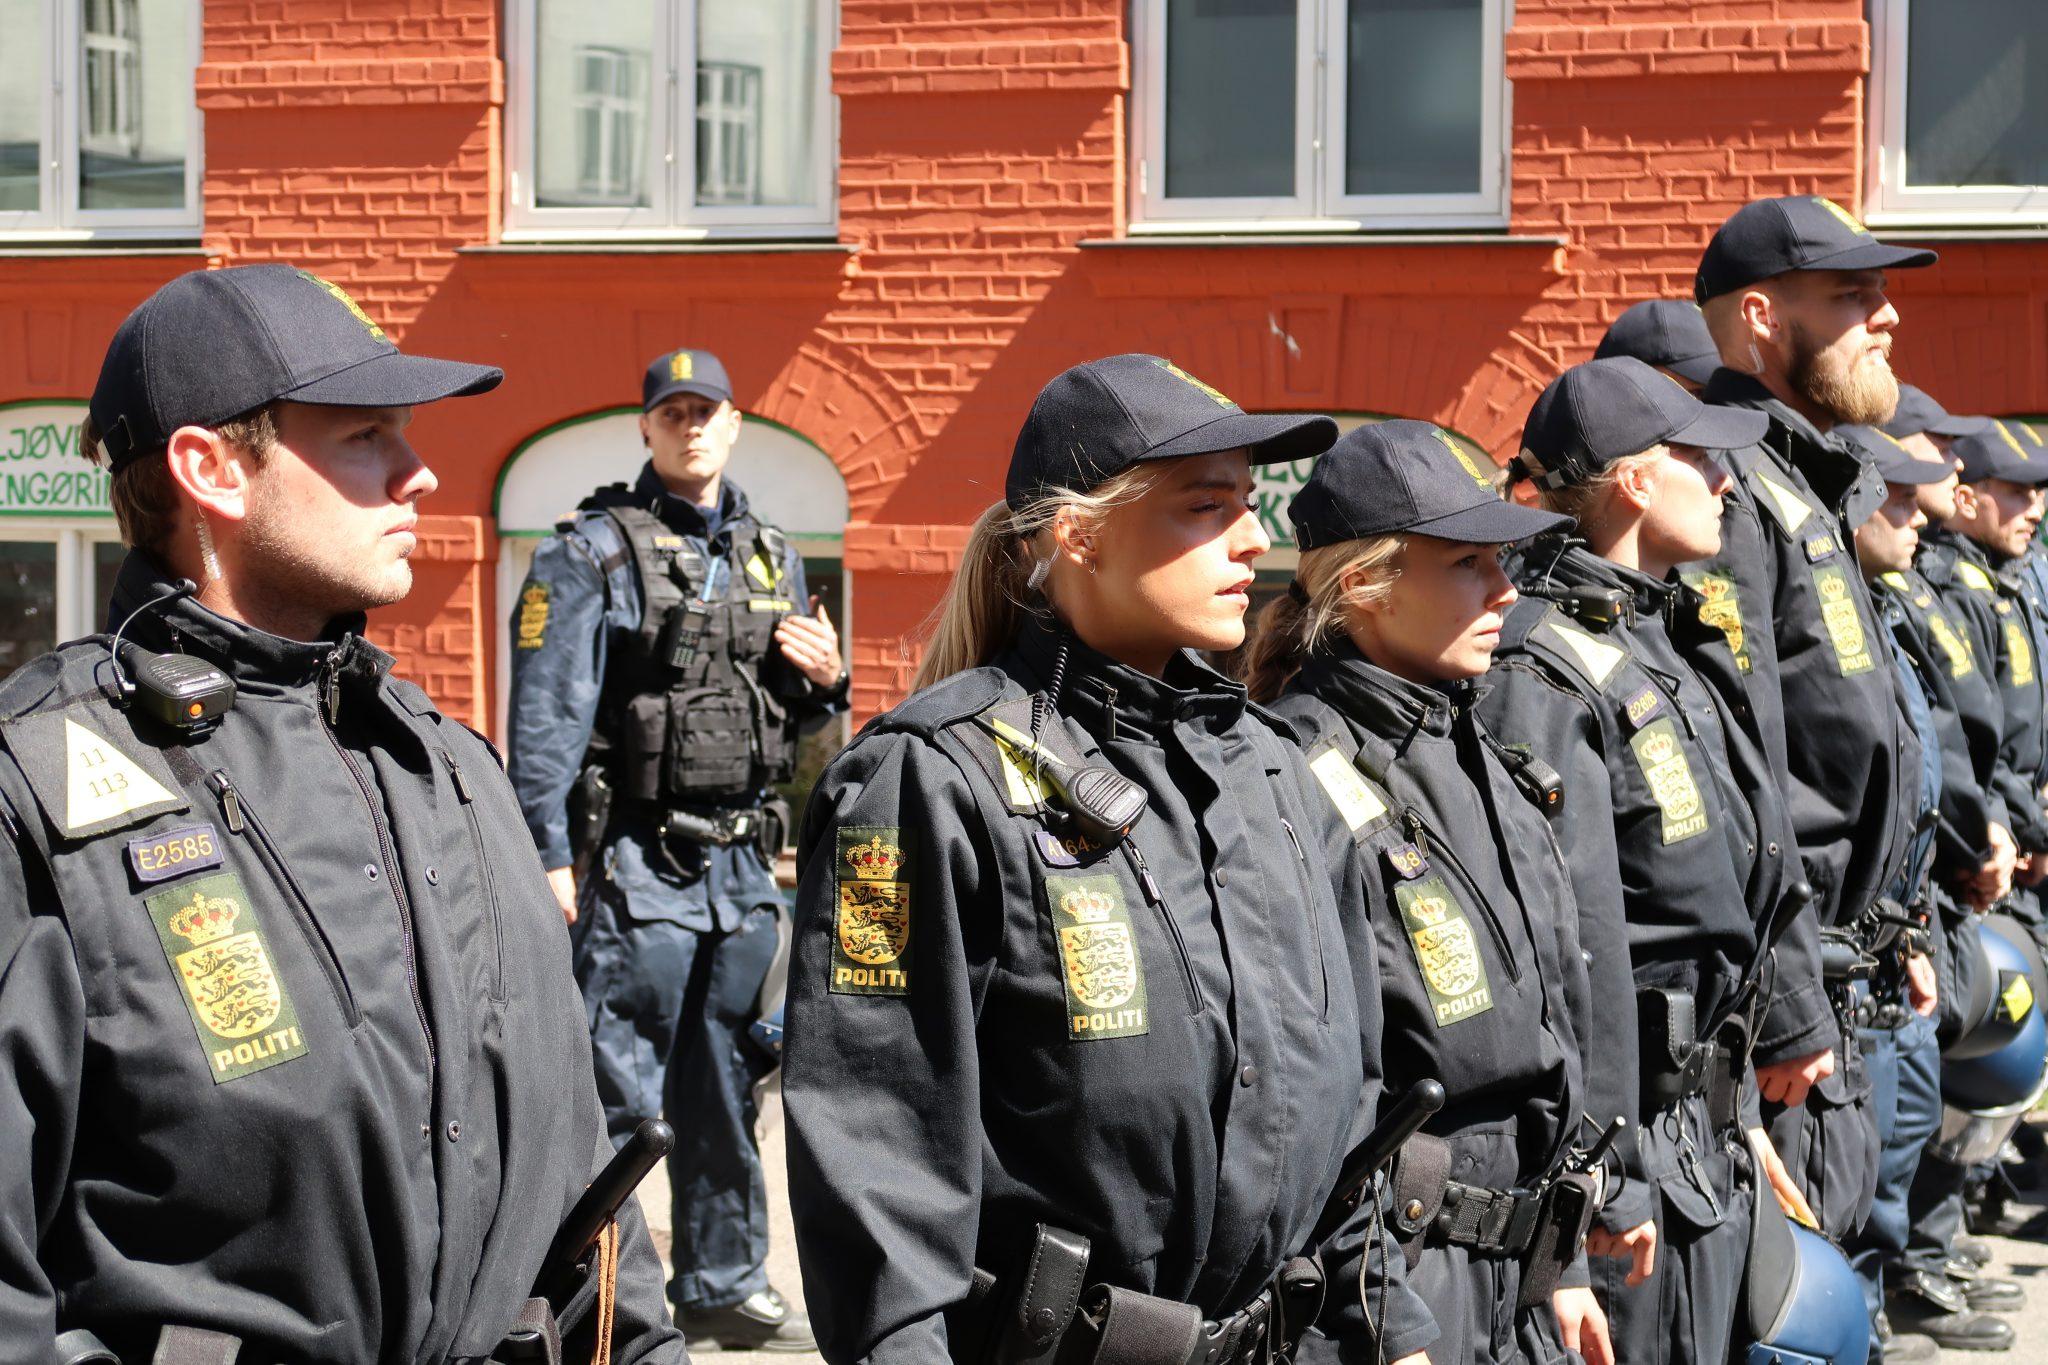 LIGE NU: Stor politiaktion igang